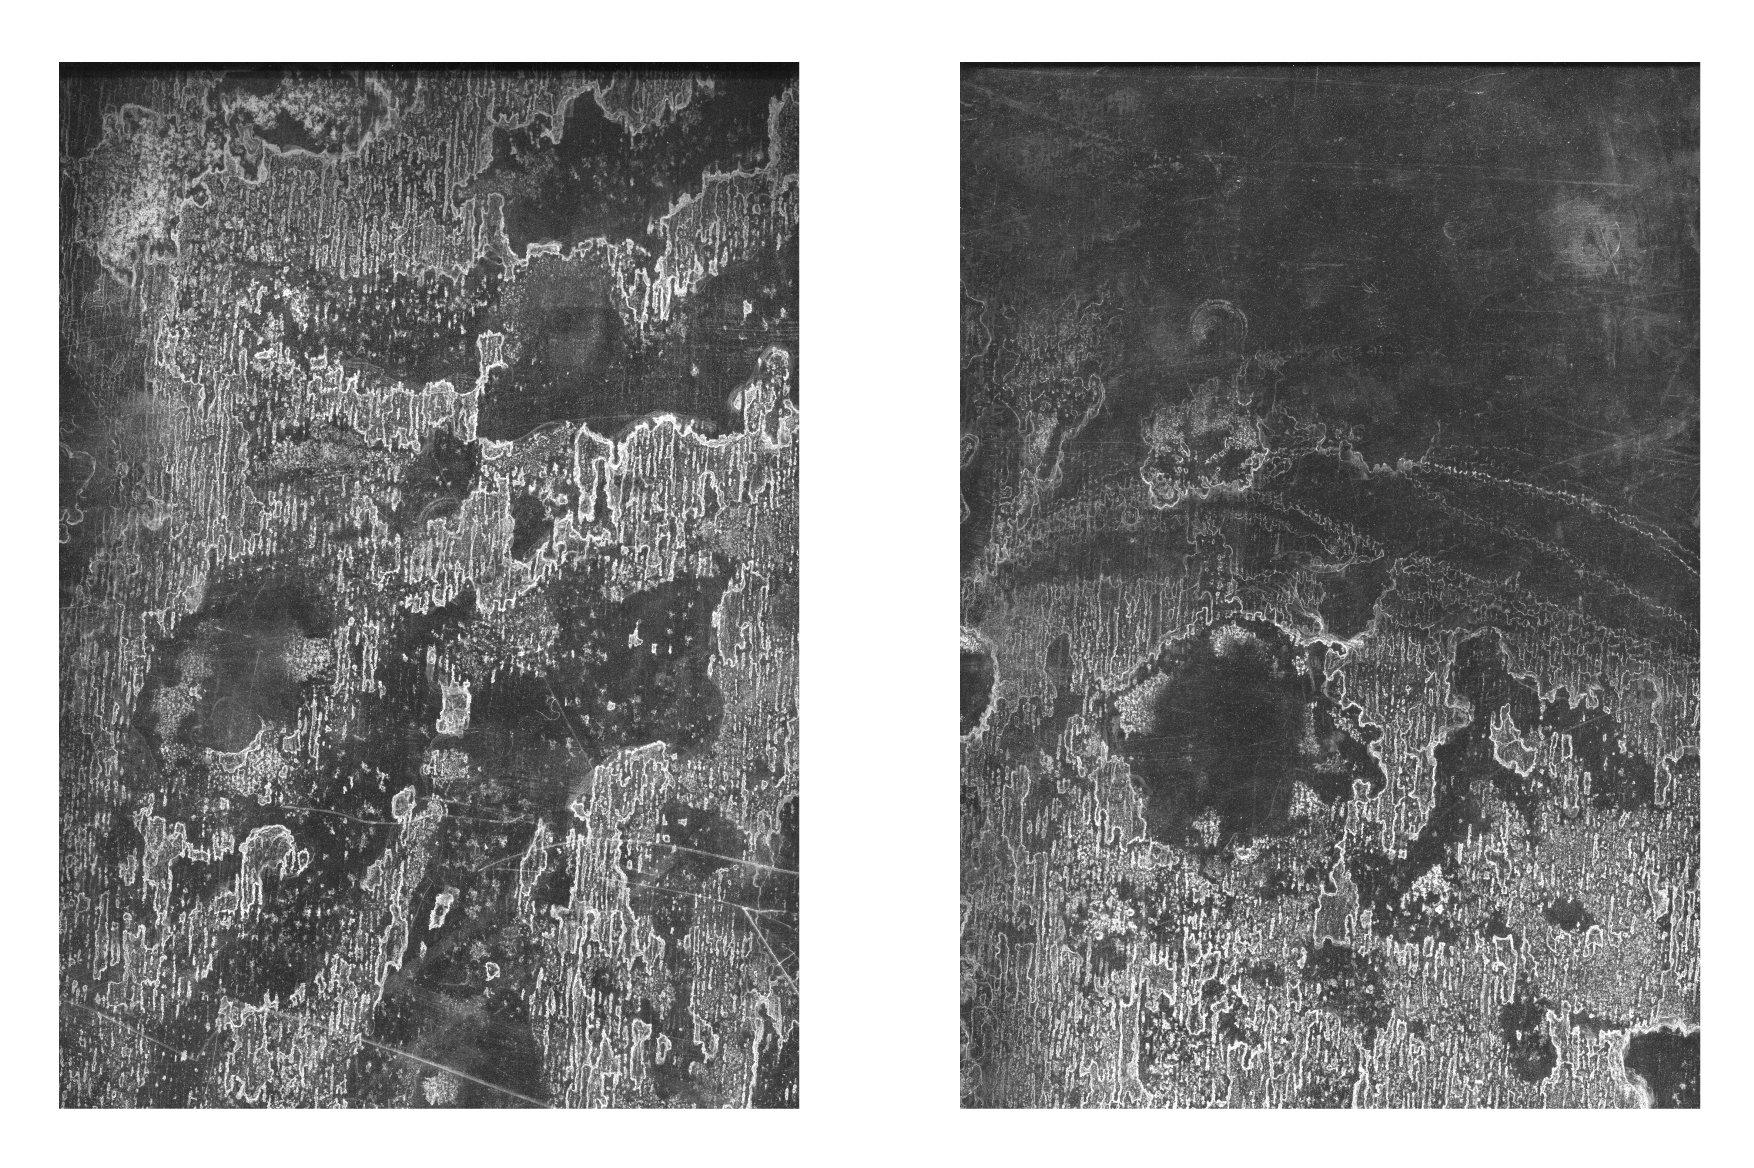 156款复古做旧折痕磨损褶皱纸张背景纹理素材合集 The Grunge Texture Bundle Vol. 1插图(38)